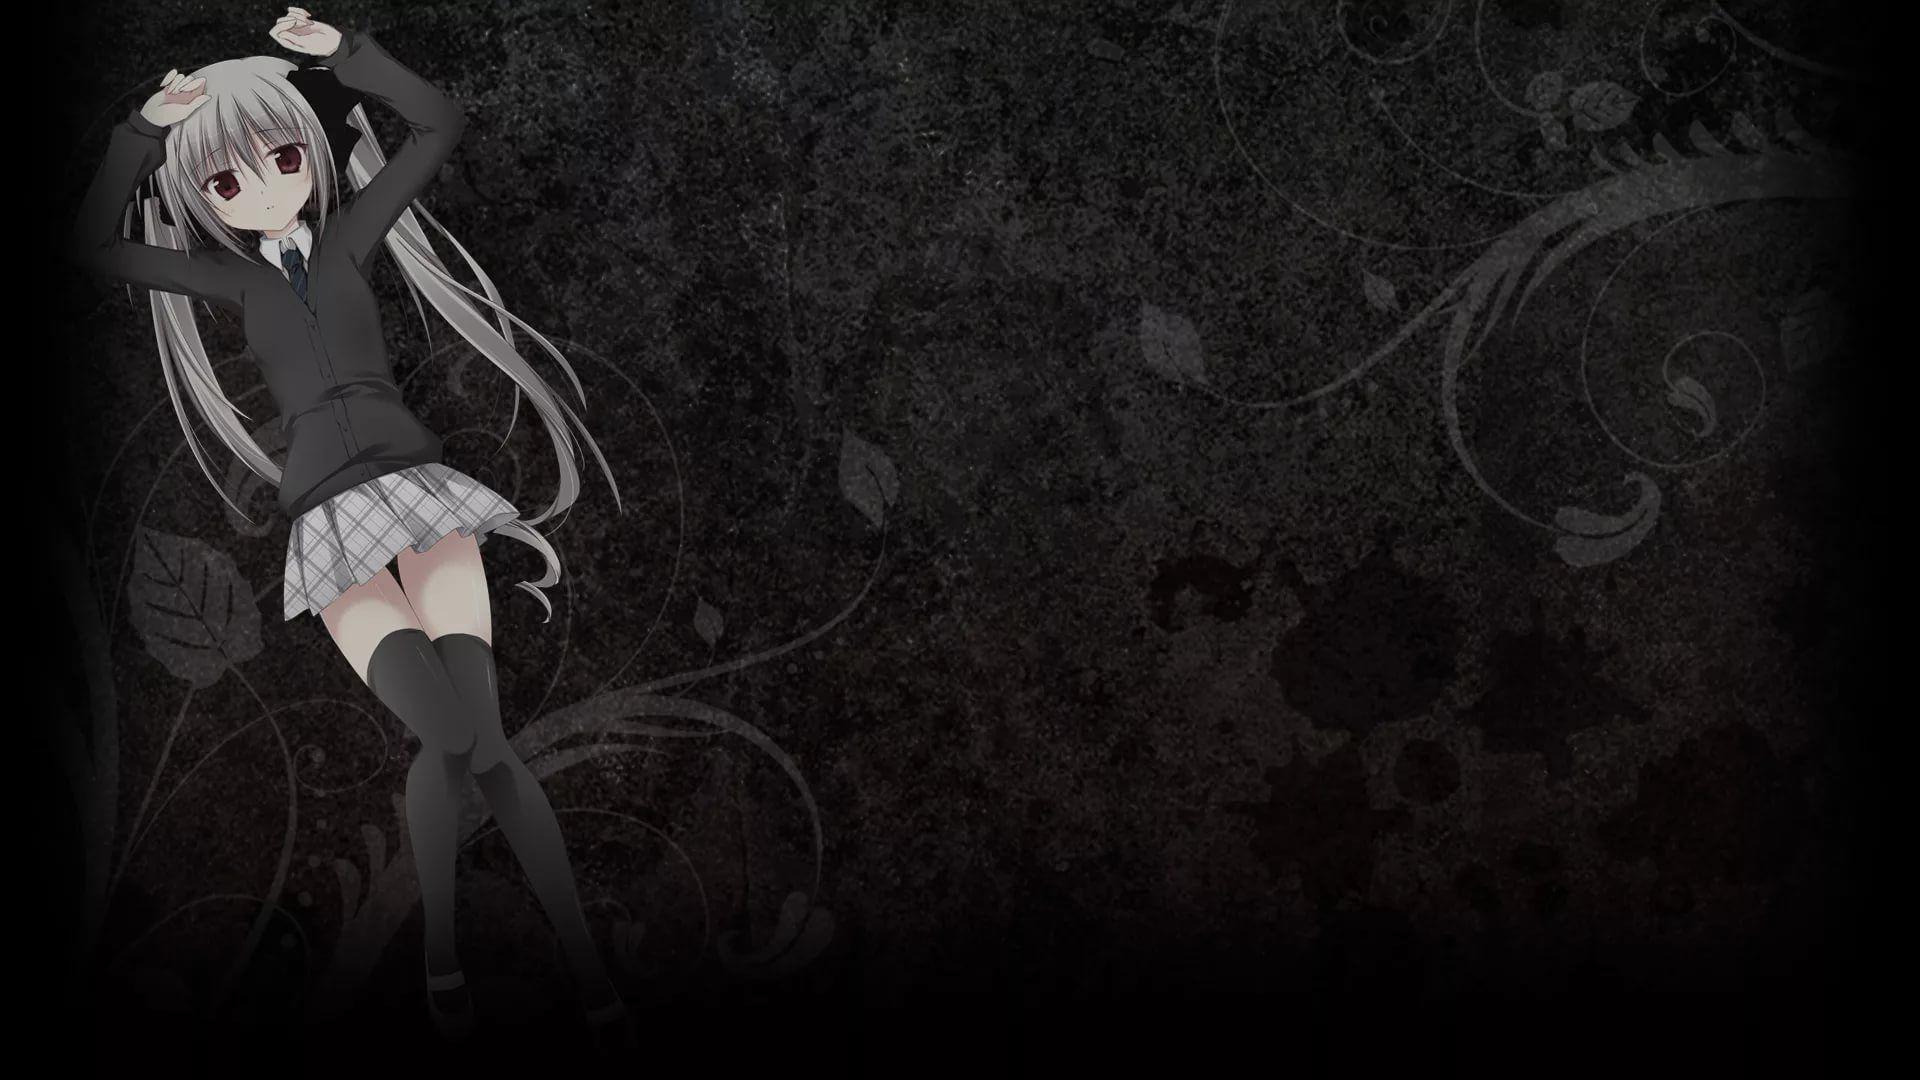 Dark Anime full hd wallpaper